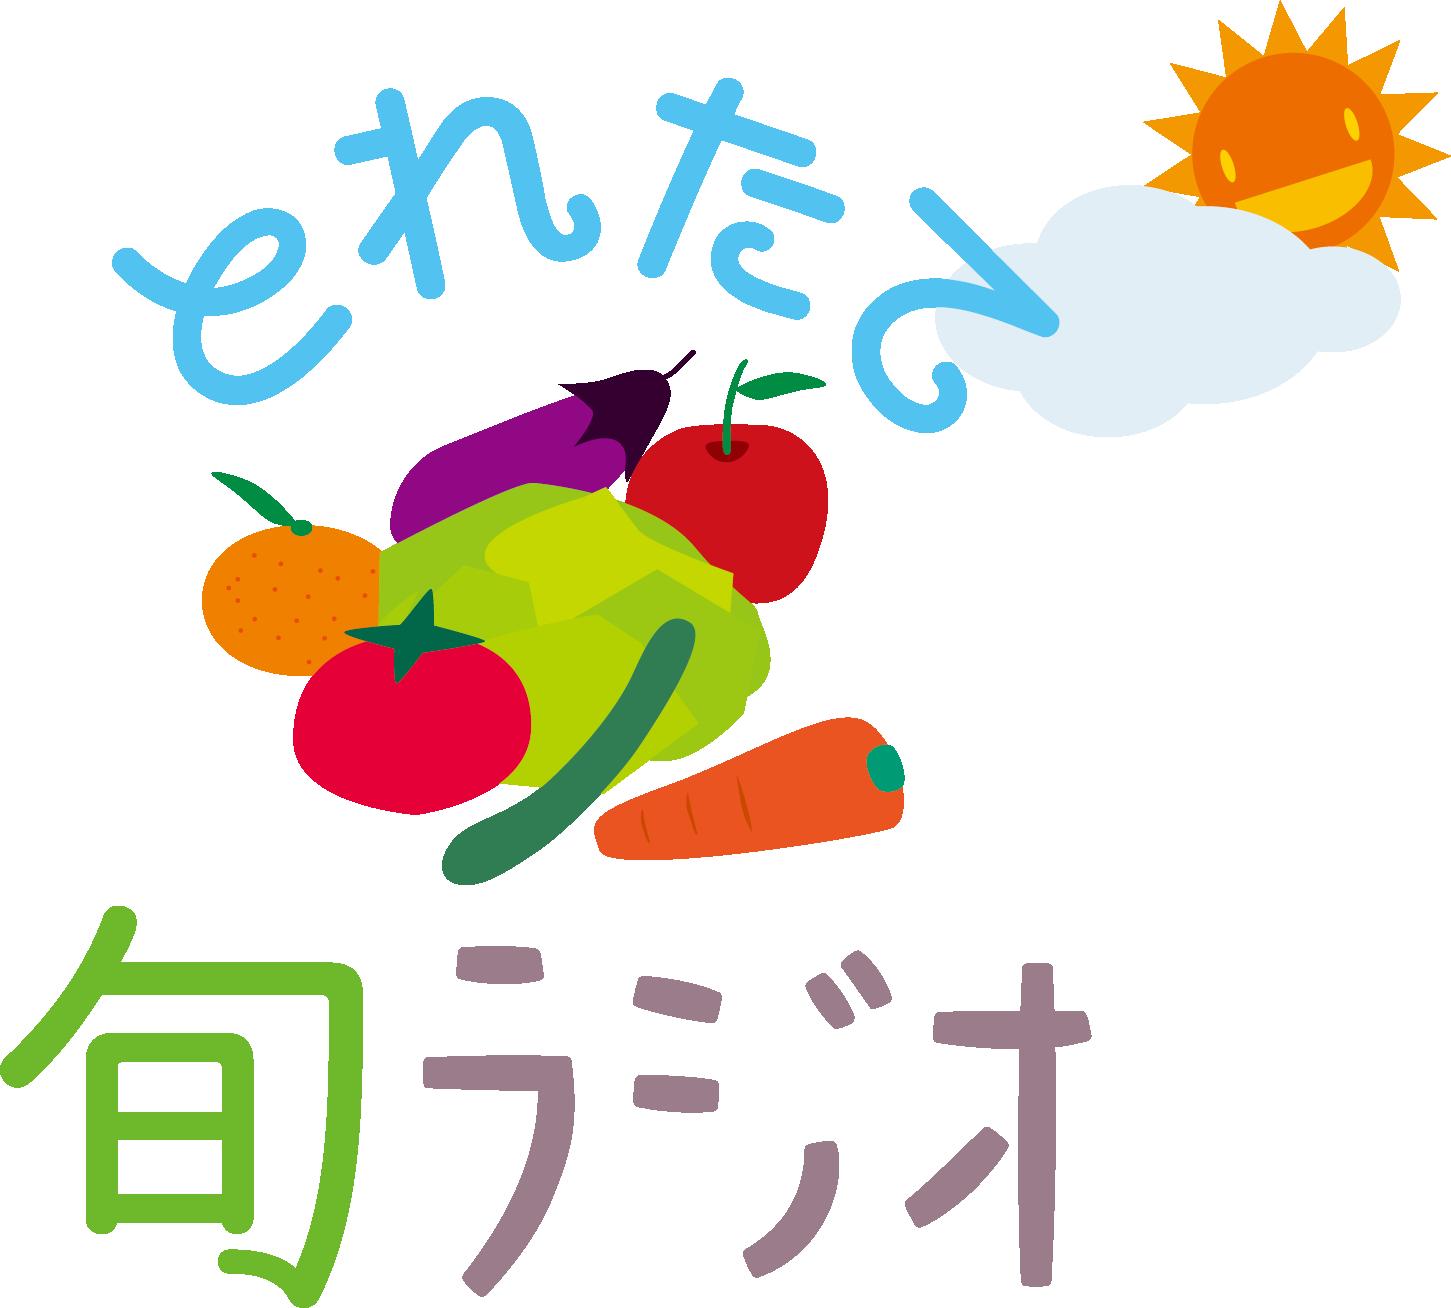 繝ゥ繧ク繧ェ譌・譛ャ繝サ縺ィ繧後◆縺ヲ譌ャ繝ゥ繧ク繧ェ繝ュ繧エ1102